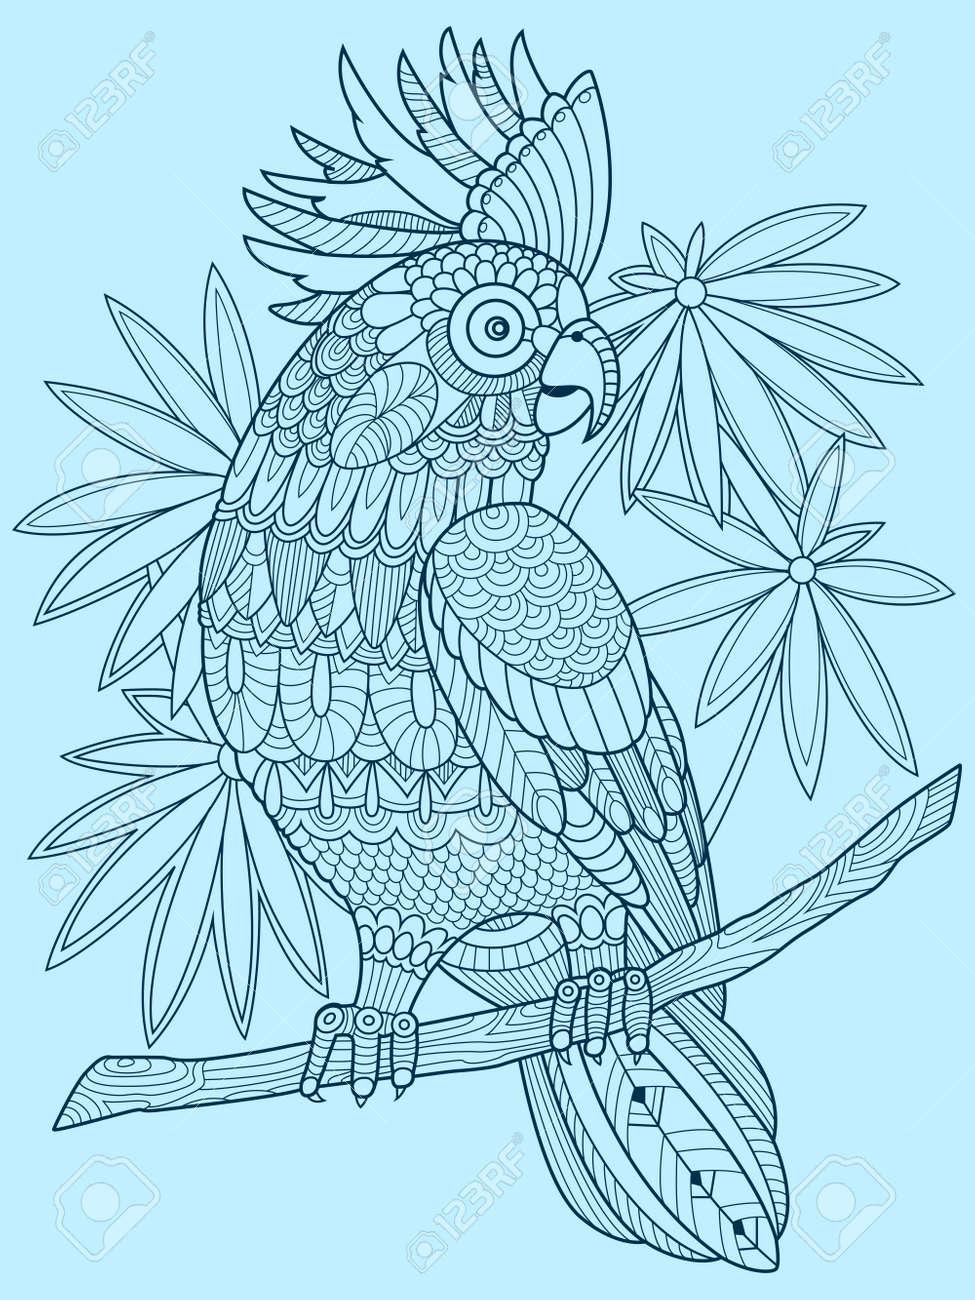 Coloriage Anti Stress Perroquet.Livre A Colorier De Perroquet De Cacatoes Pour Les Adultes Vector Illustration Colorant Anti Stress Pour Adulte Pochoir De Tatouage Style